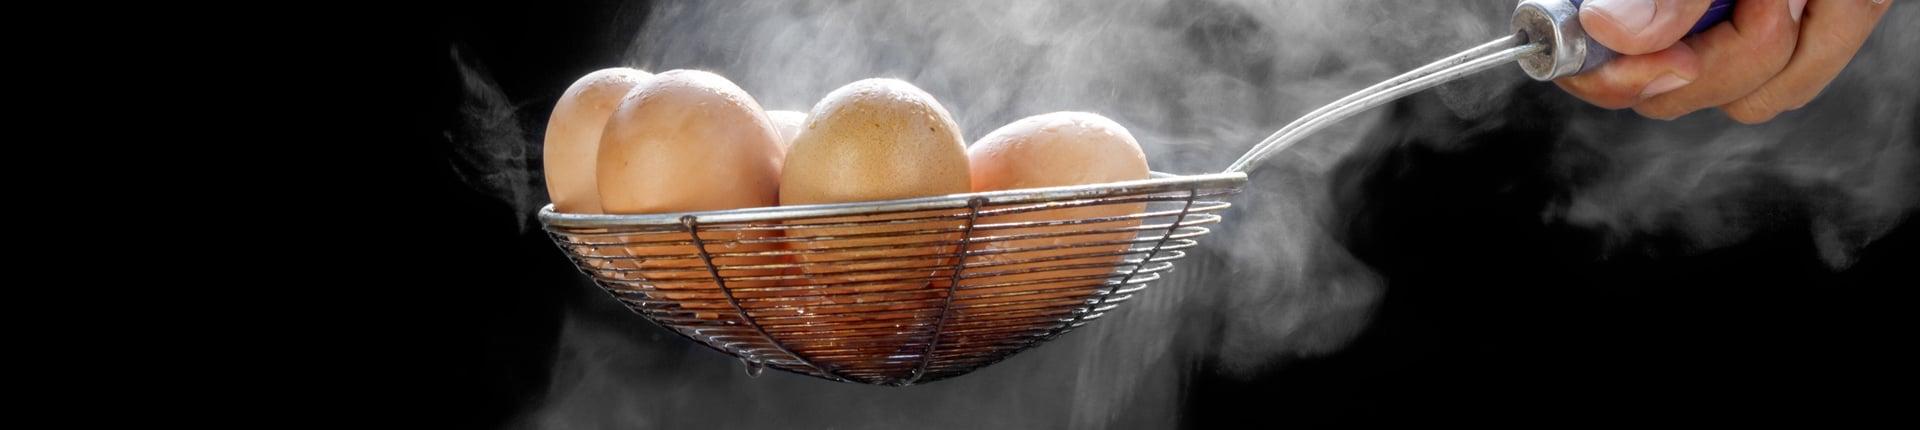 Awidyna - powód dla którego warto gotować jaja